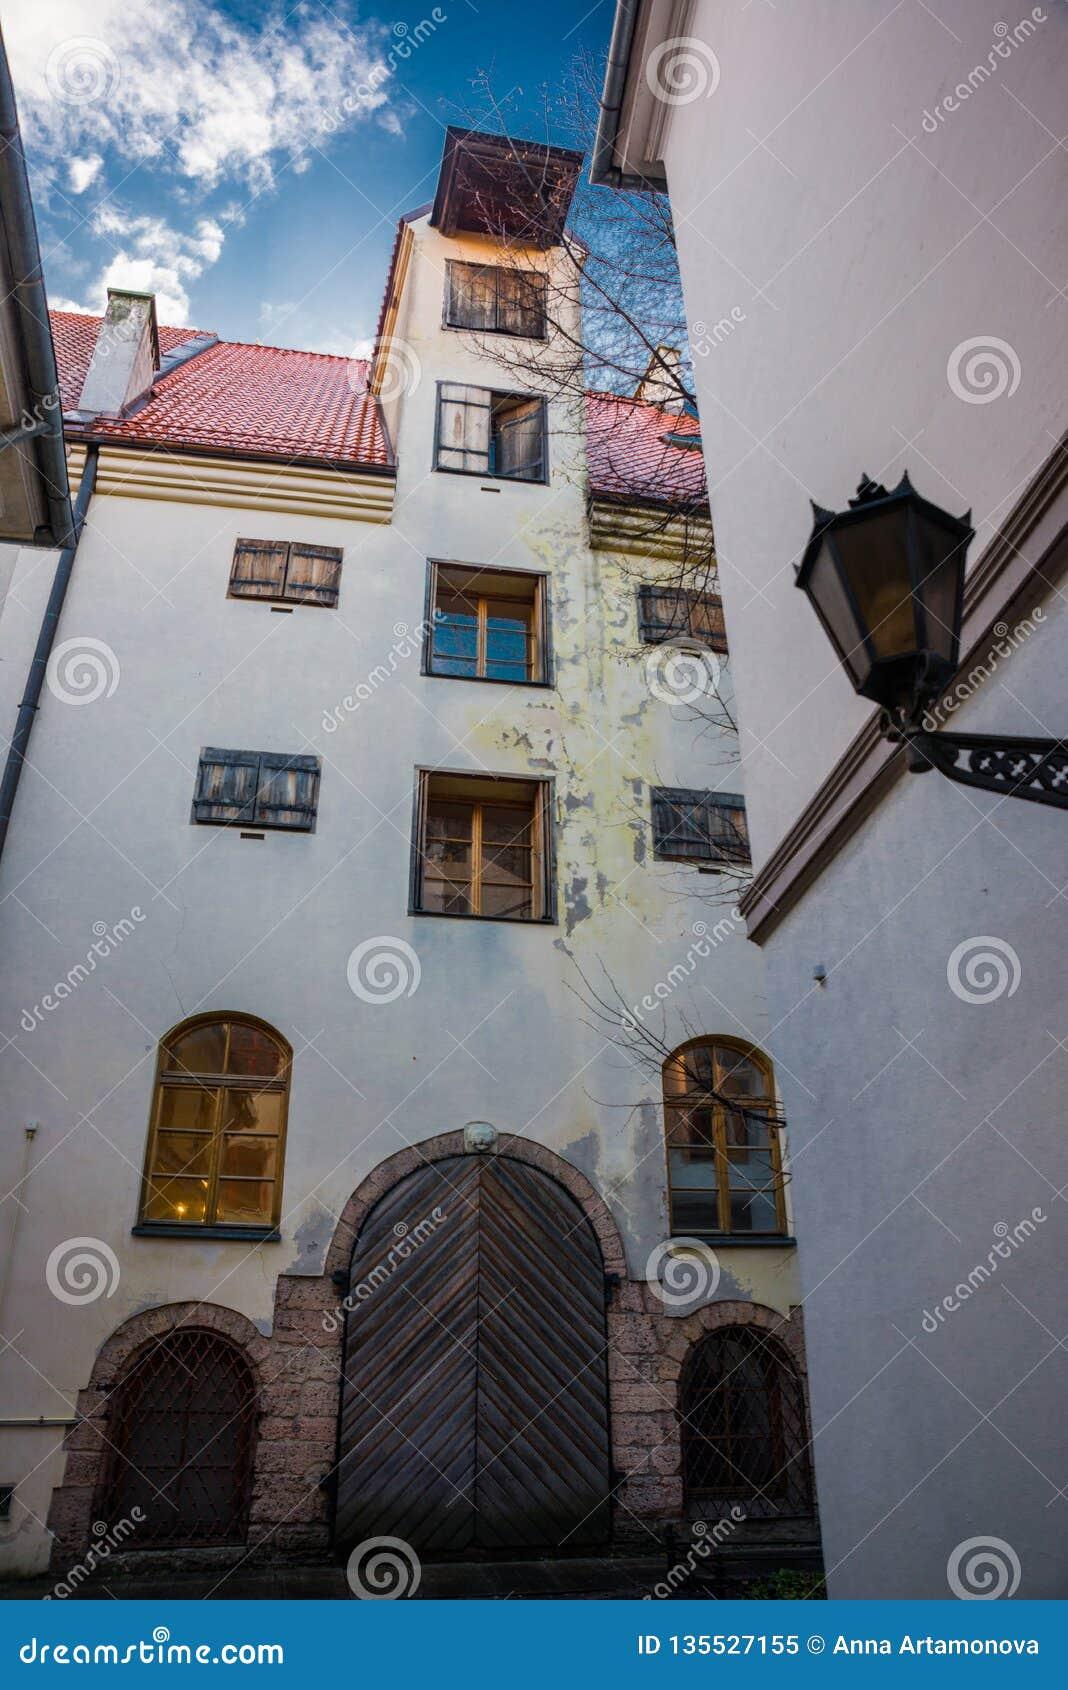 Ryski, Latvia: Jard konwencja jest jeden starzy bloki mieszkalni Ryski Piękni historyczni budynki w starym miasteczku